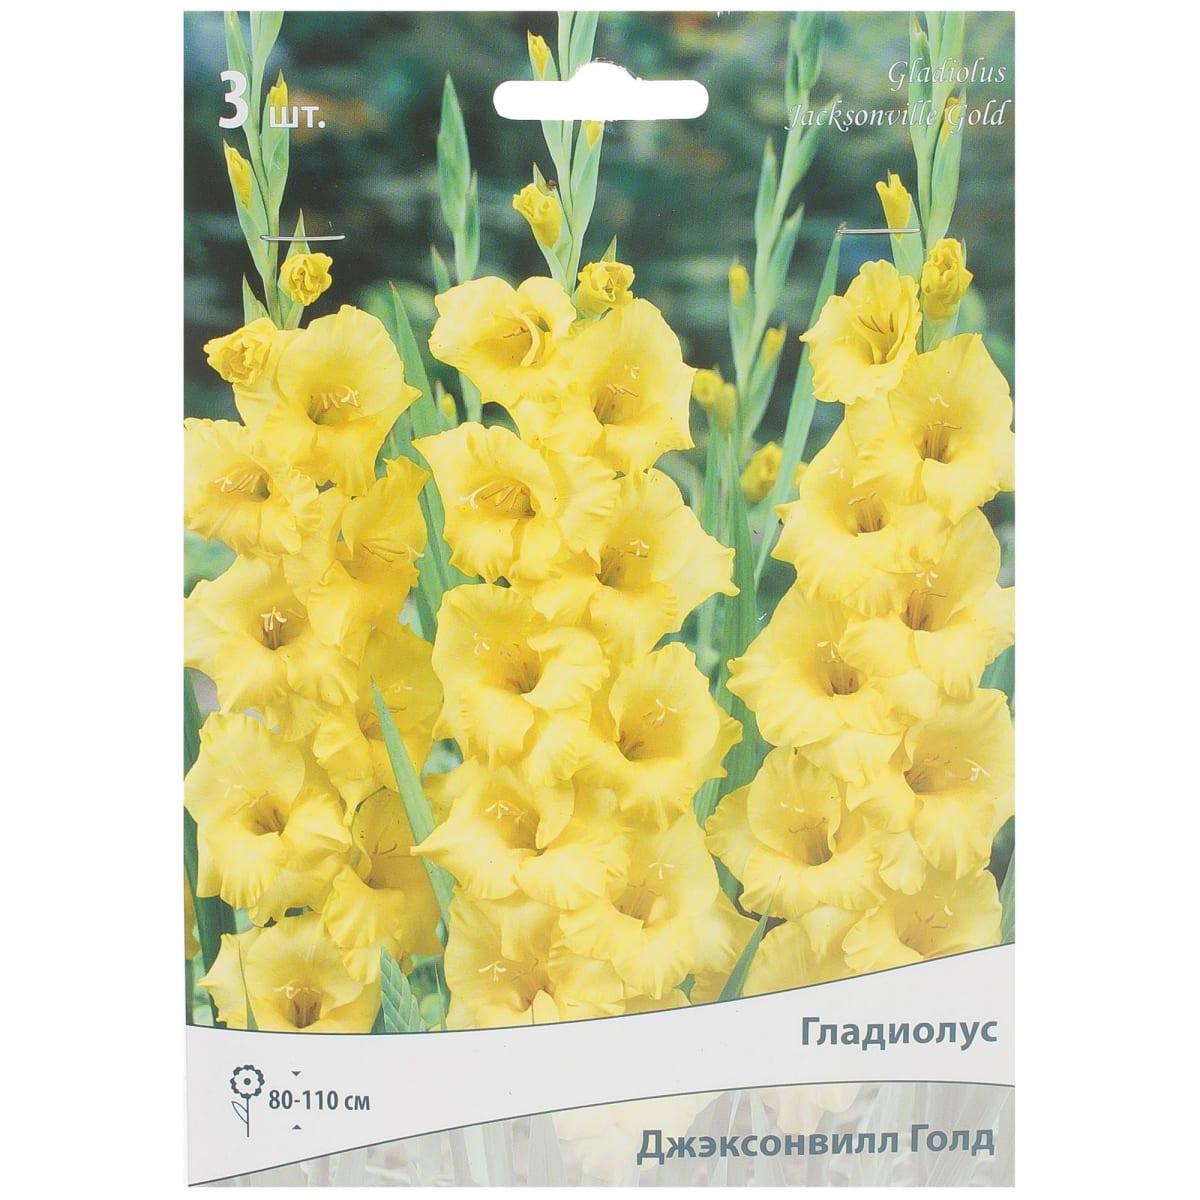 Гладиолус крупноцветковой «Джэксонвилл голд»